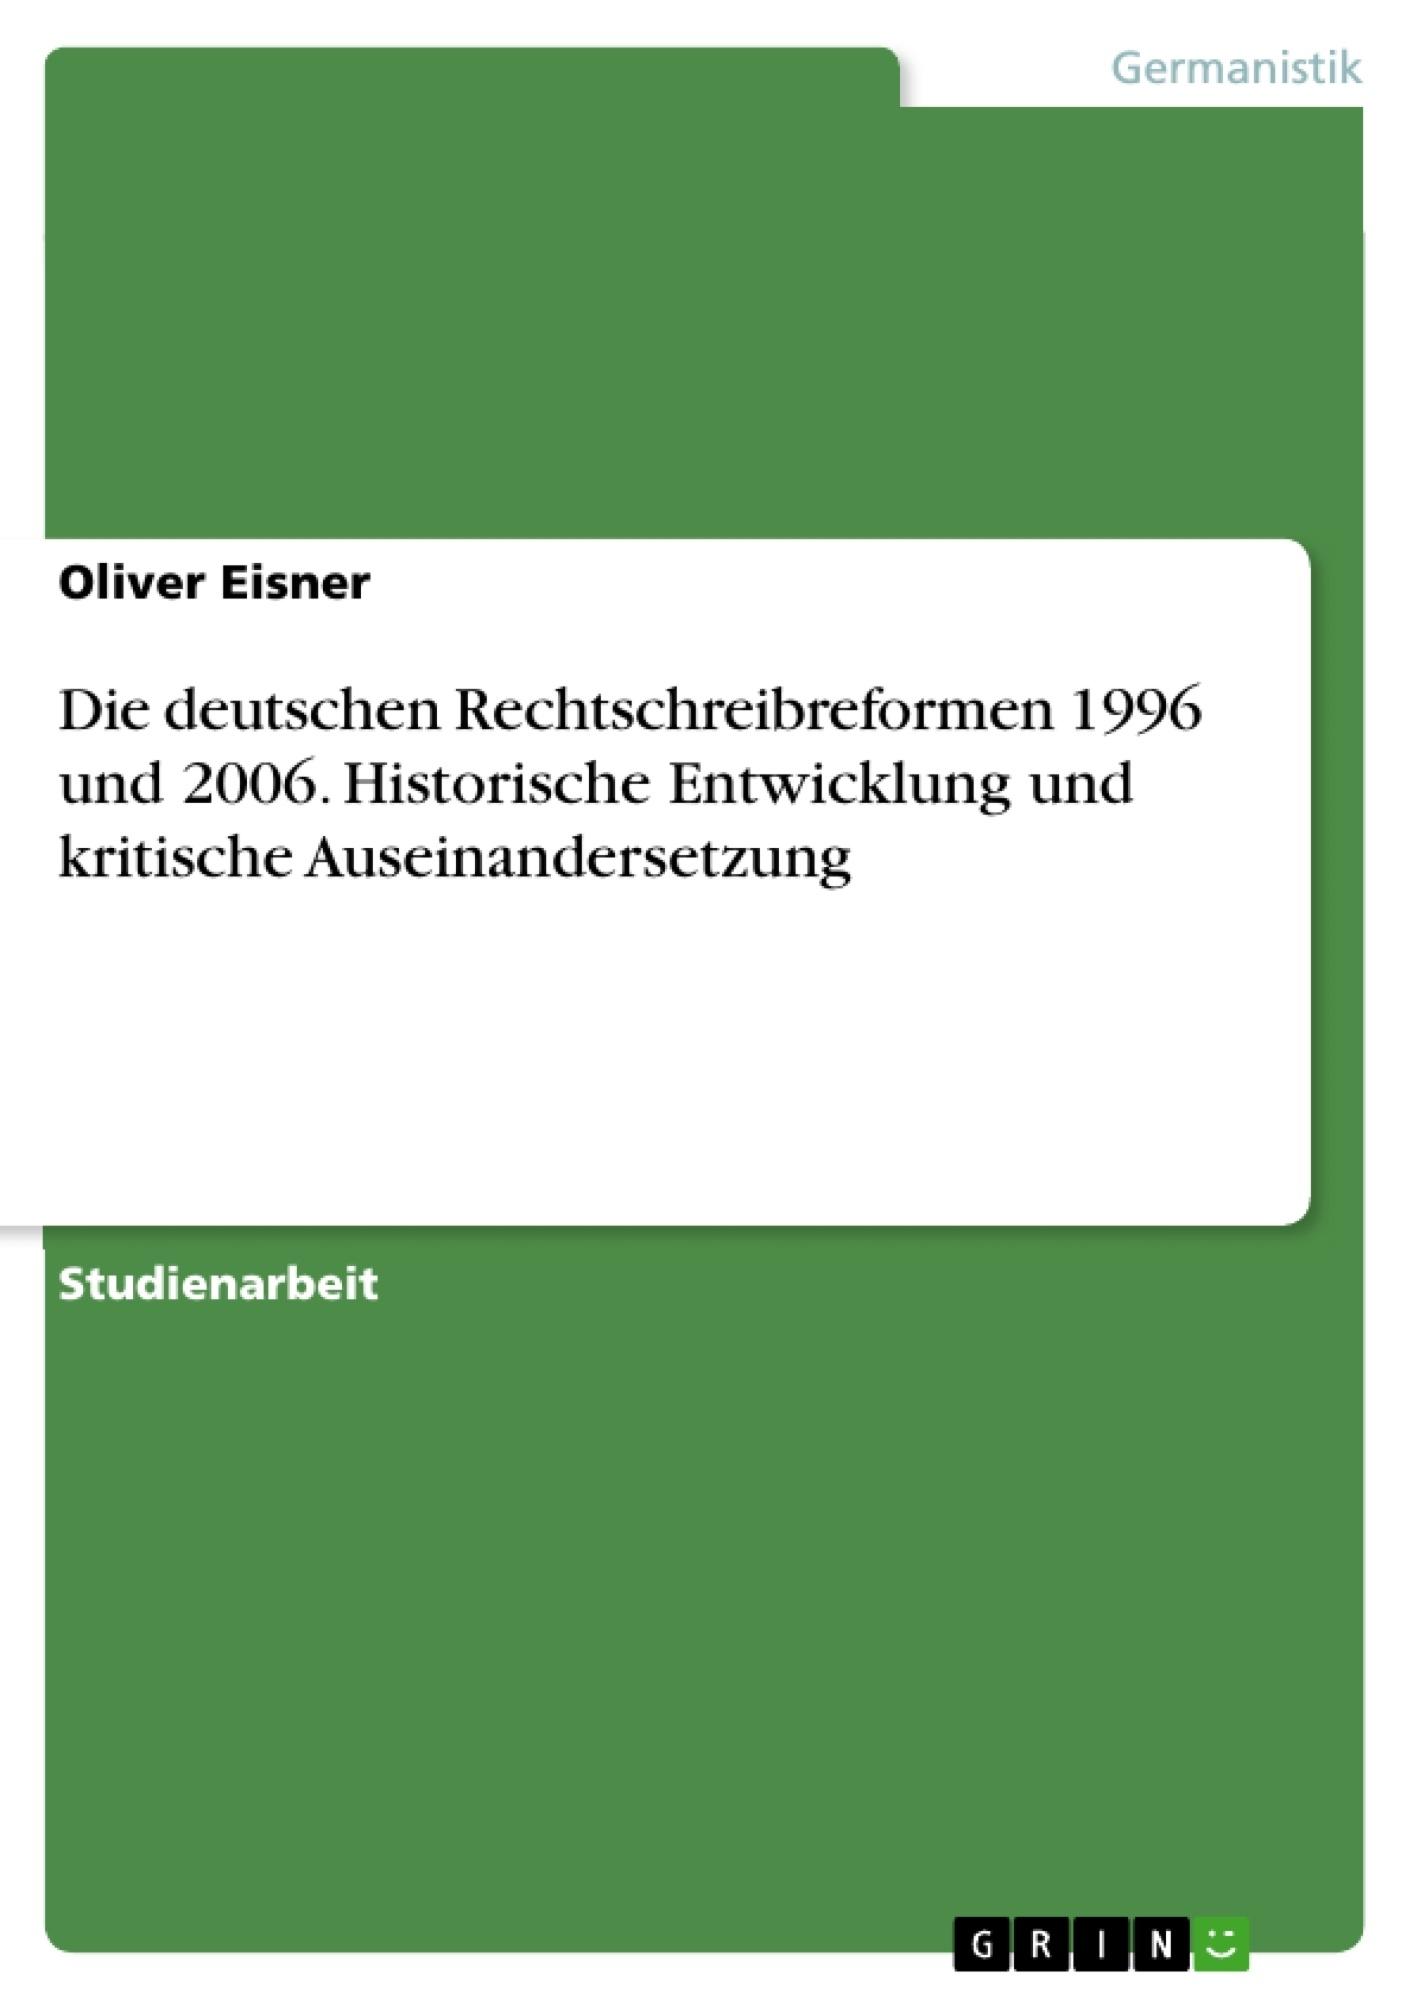 Titel: Die deutschen Rechtschreibreformen 1996 und 2006. Historische Entwicklung und kritische Auseinandersetzung